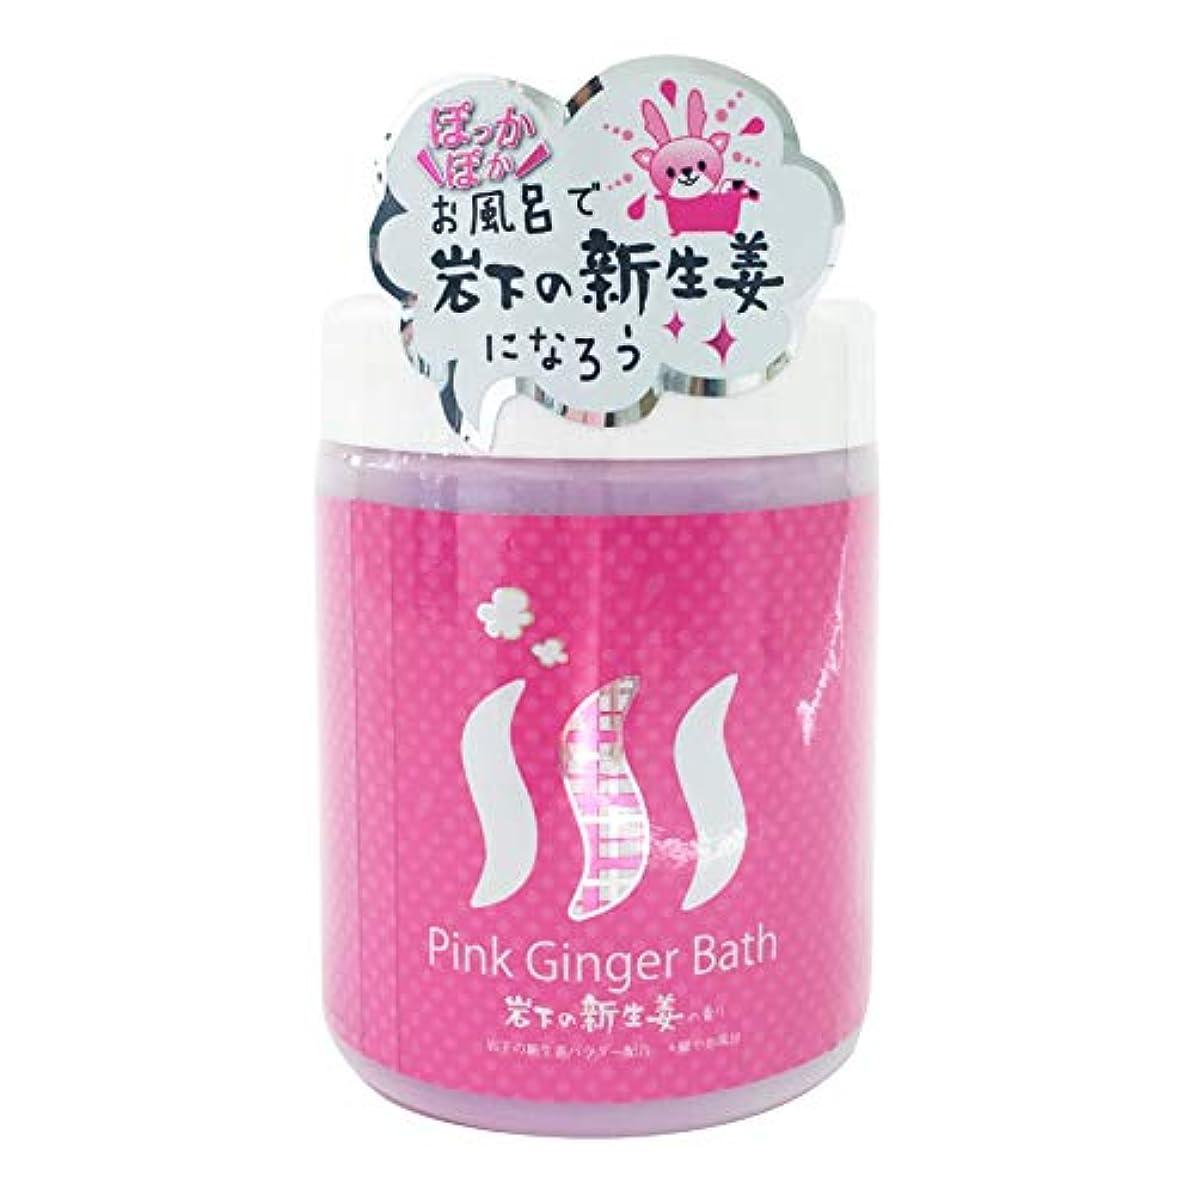 練るつかの間シャツピンク ジンジャー バス 入浴剤 岩下 の 新生姜 の 香り 370g(7回分) 数量限定 温活 生姜